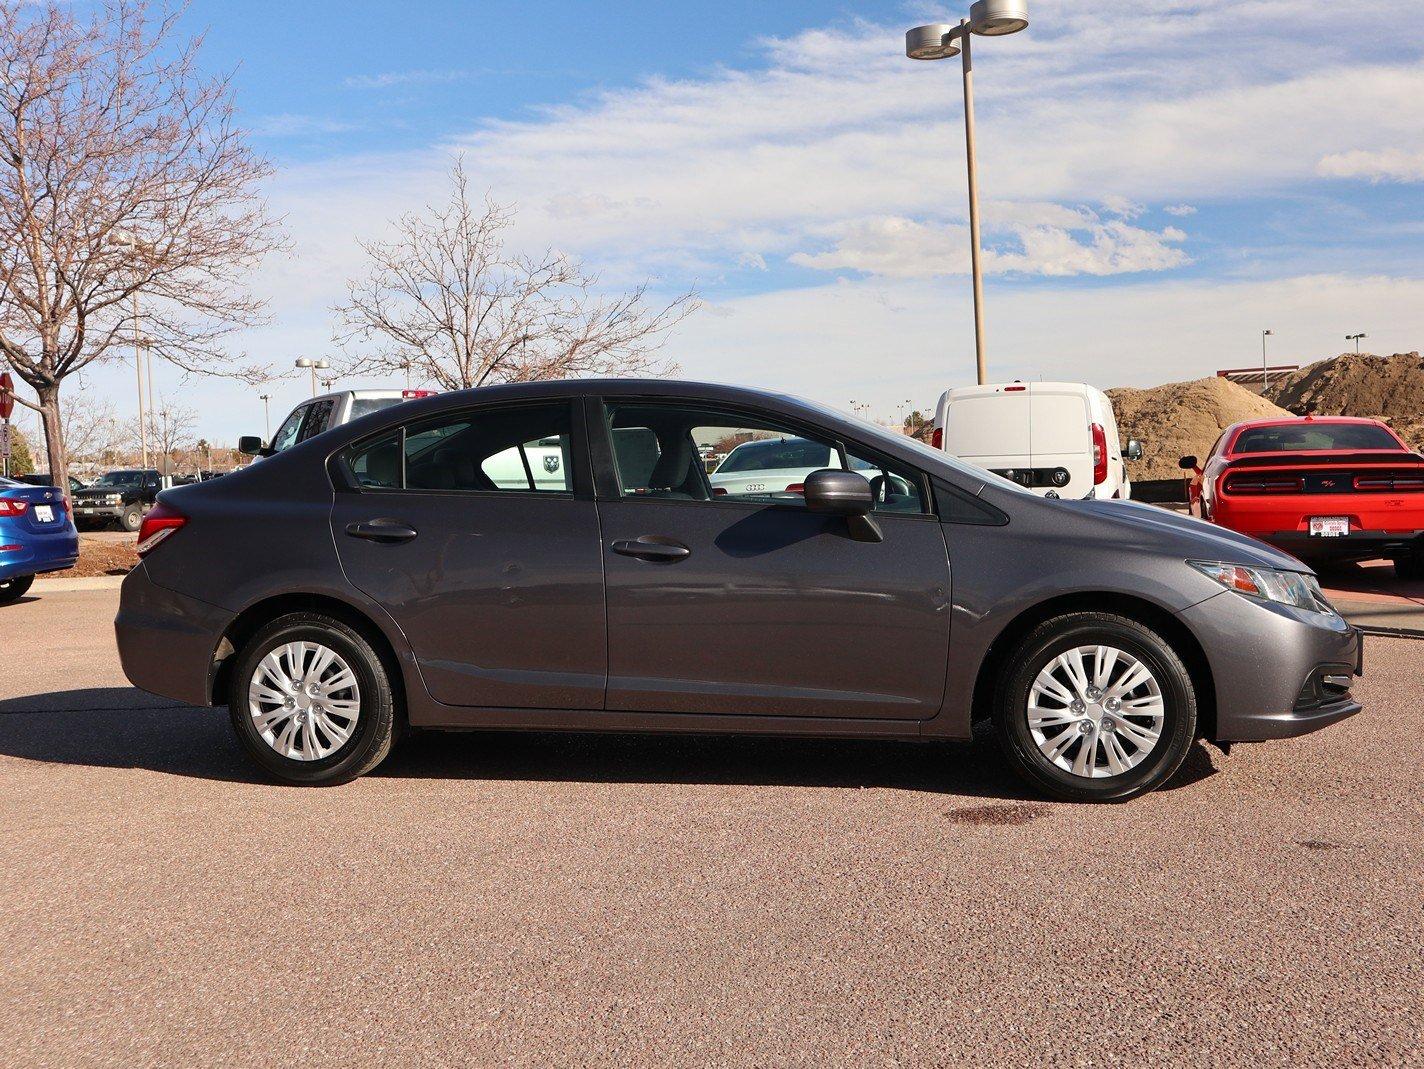 2014 Honda Civic LX Sedan image